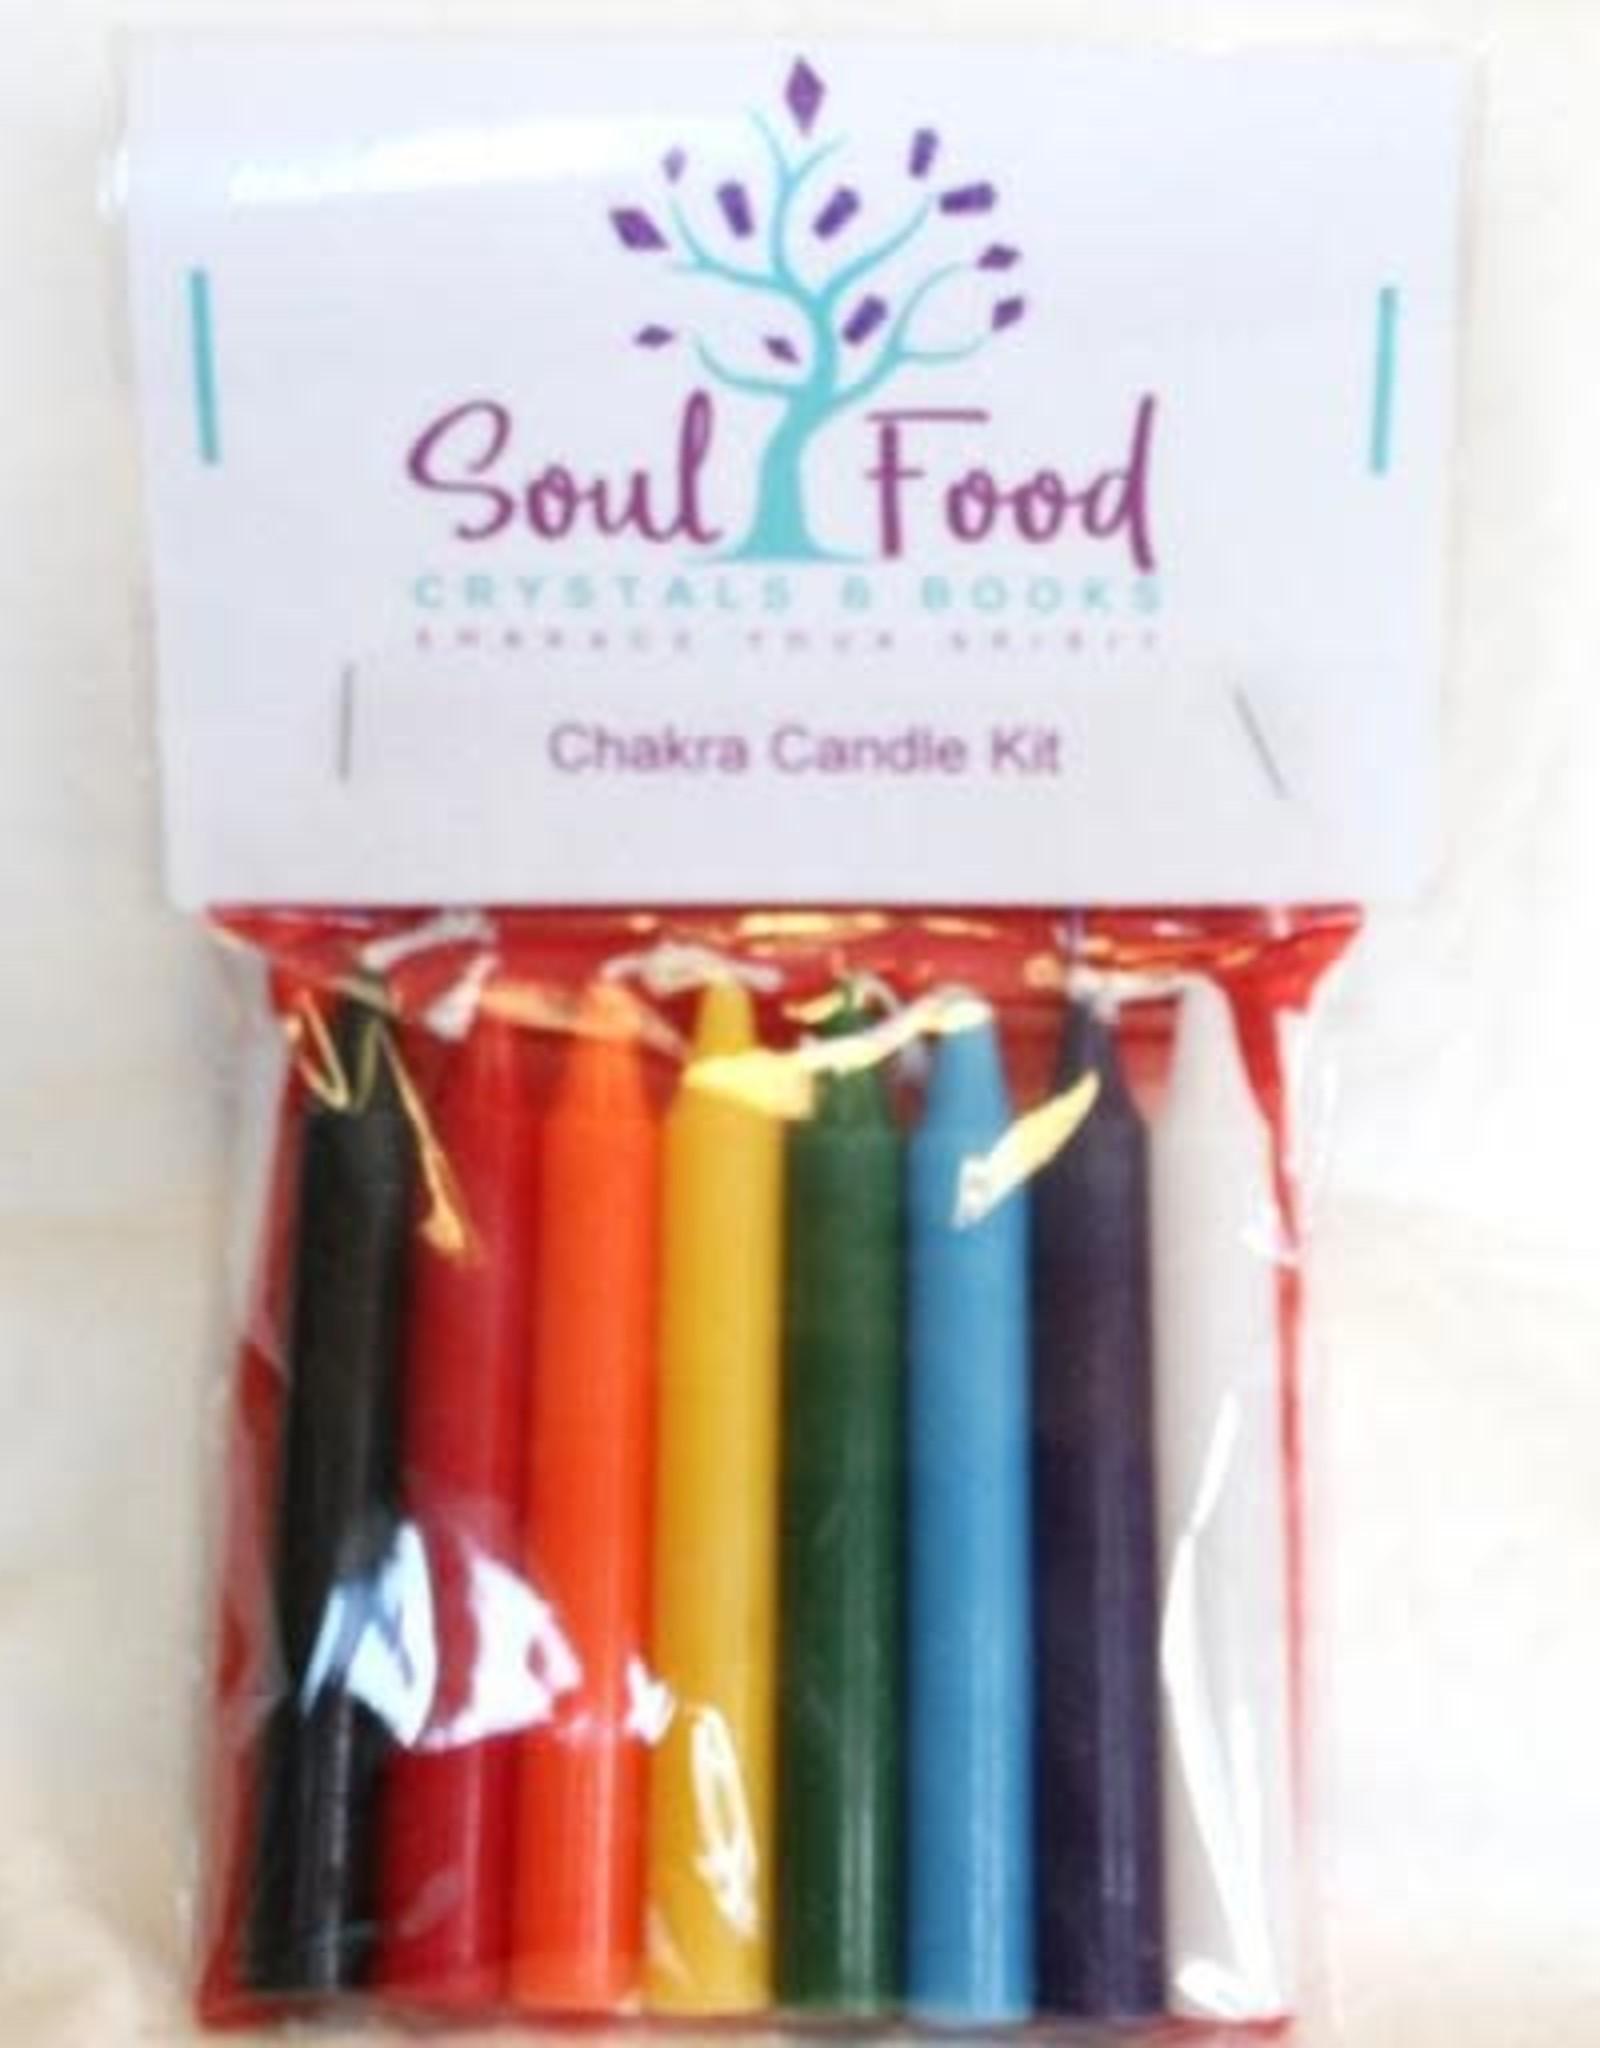 Chakra Candle Kit